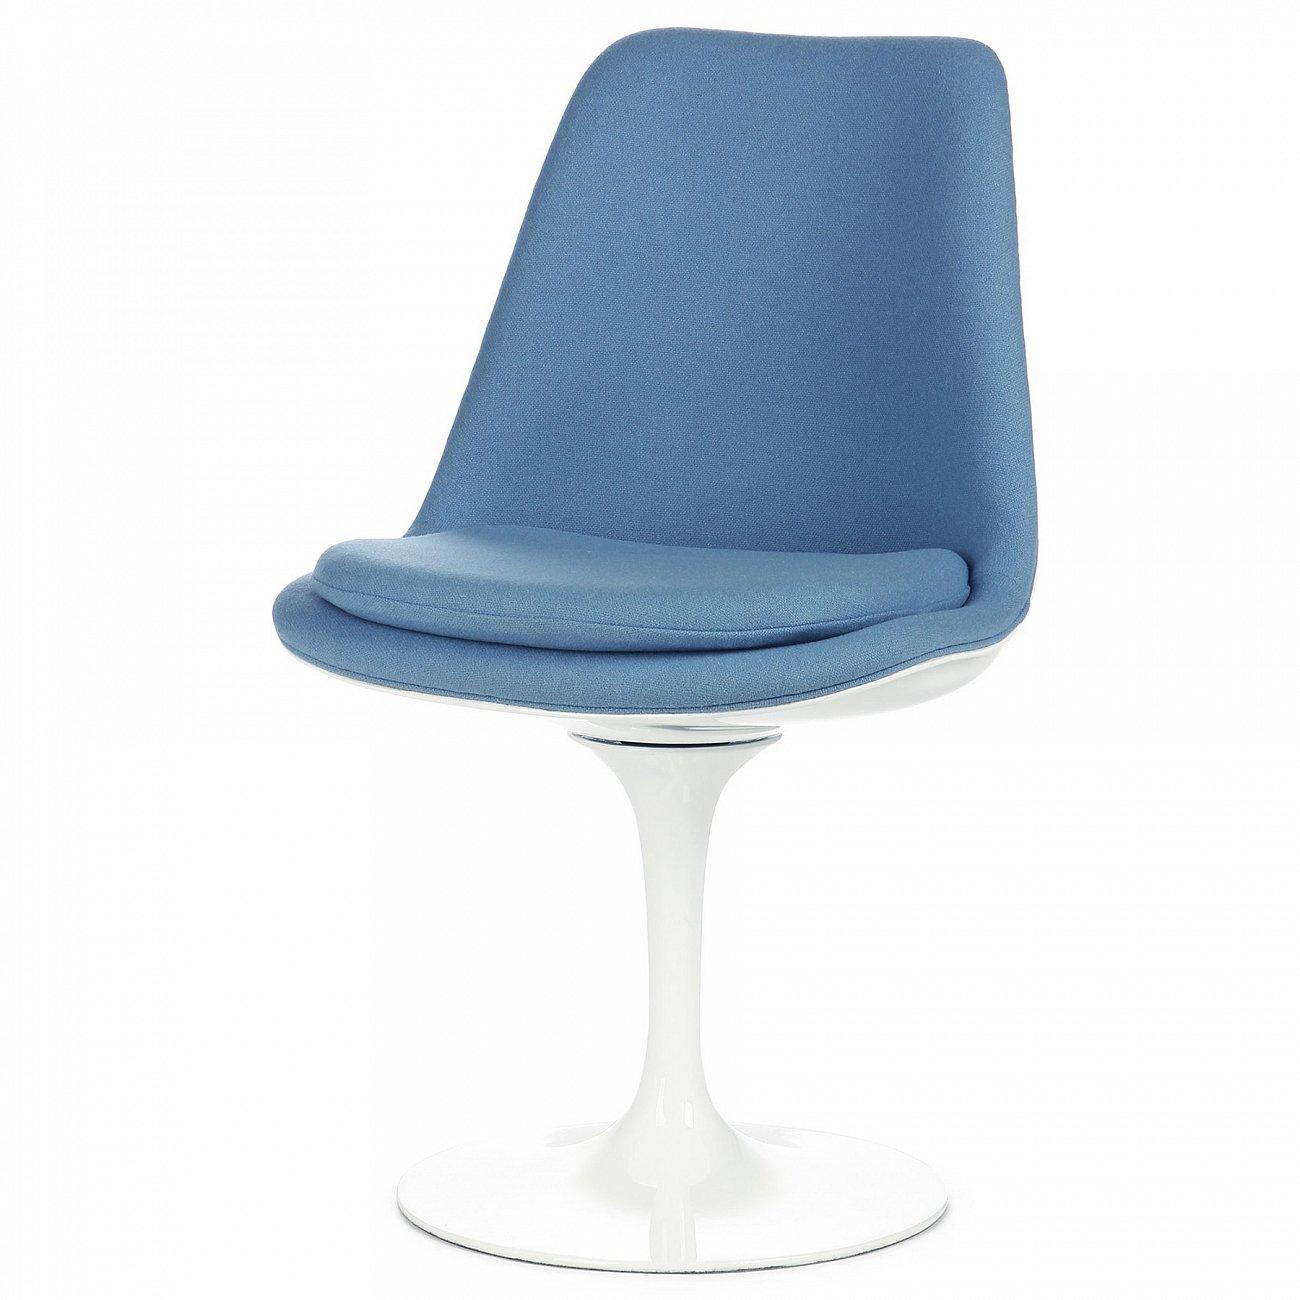 Купить Стул Tulip с обитой спинкой Голубой в интернет магазине дизайнерской мебели и аксессуаров для дома и дачи